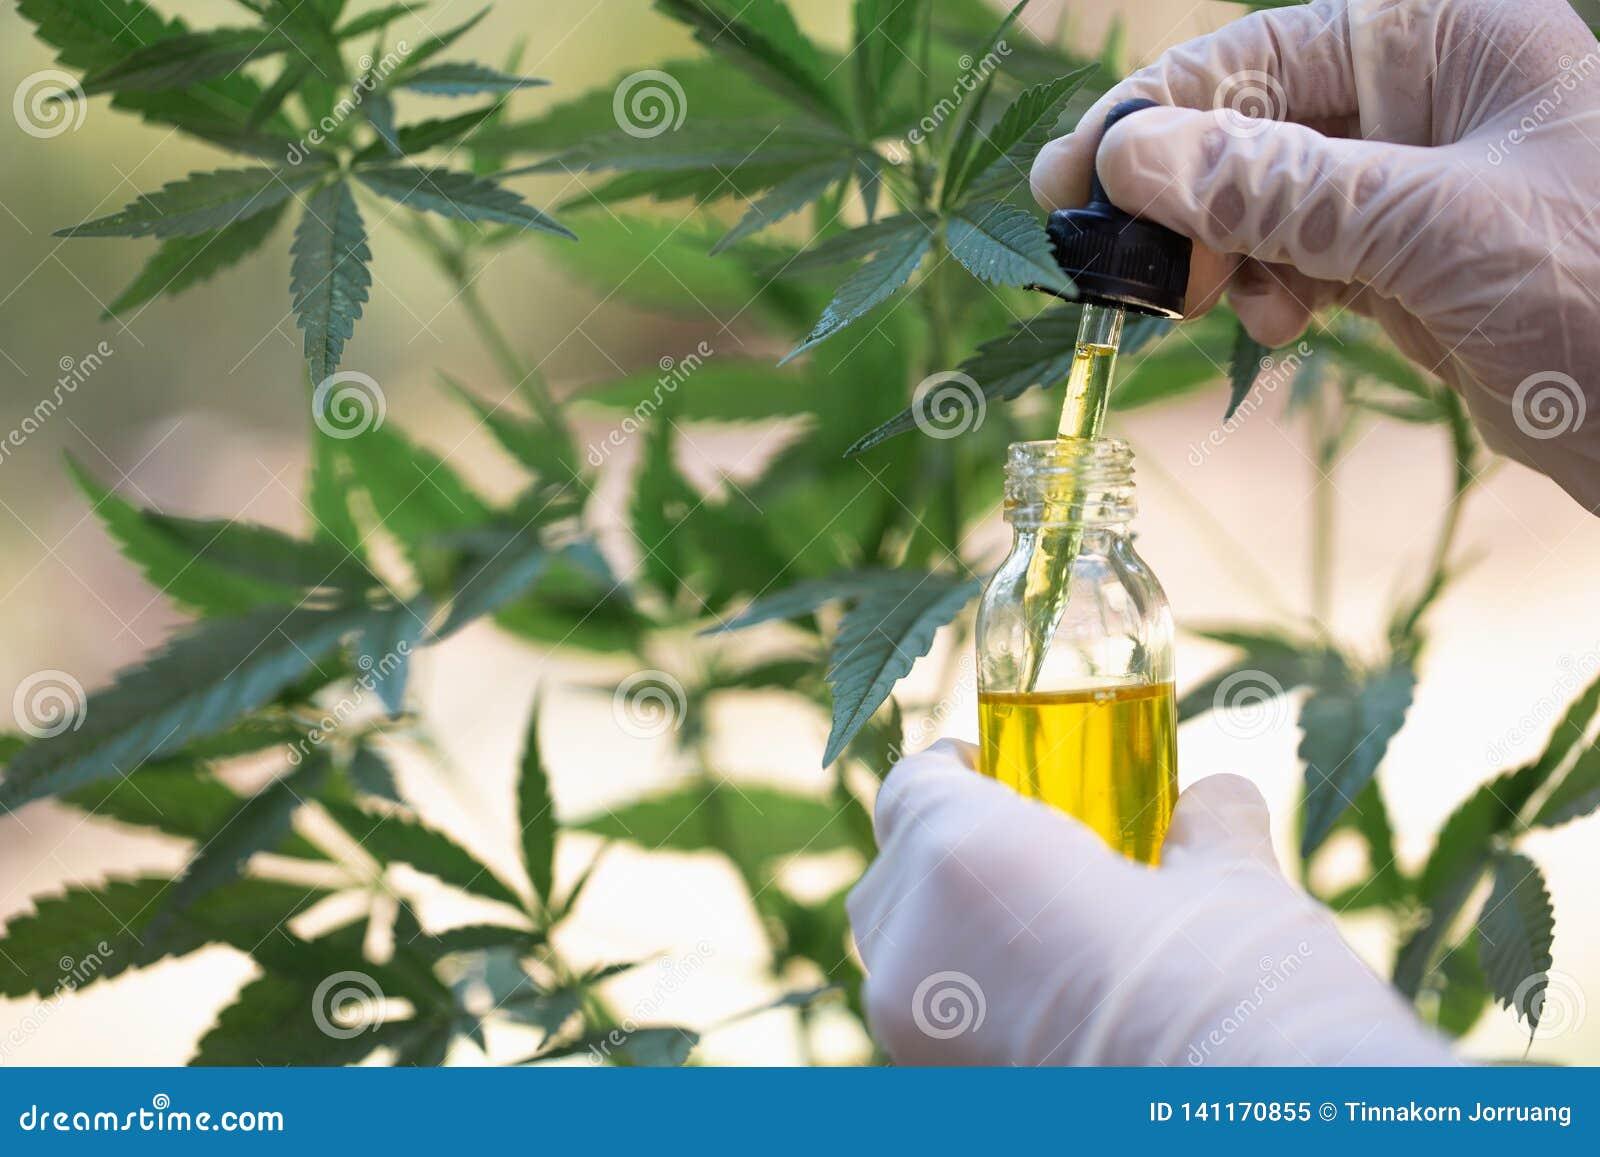 Масло пеньки, медицинские продукты марихуаны включая лист конопли, cbd и масло хэша, нетрадиционная медицина